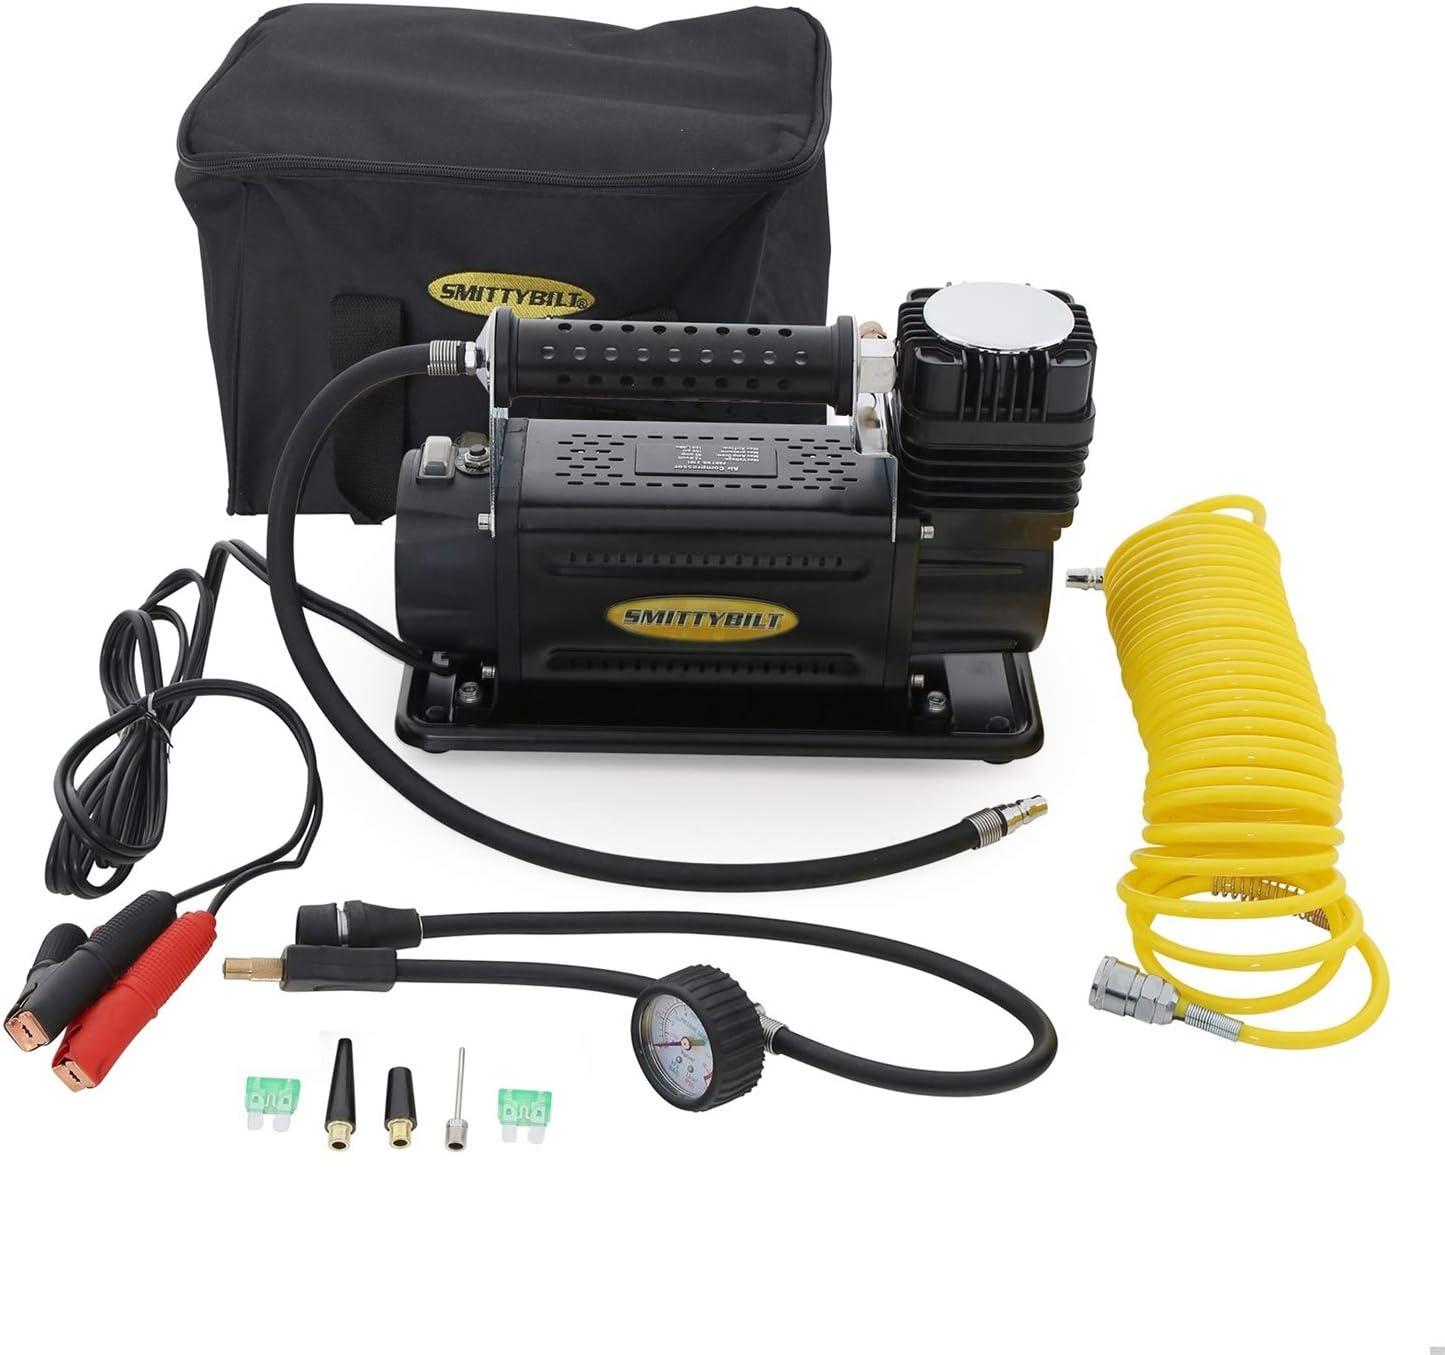 Smittybilt 2781 Universal Air Compressor